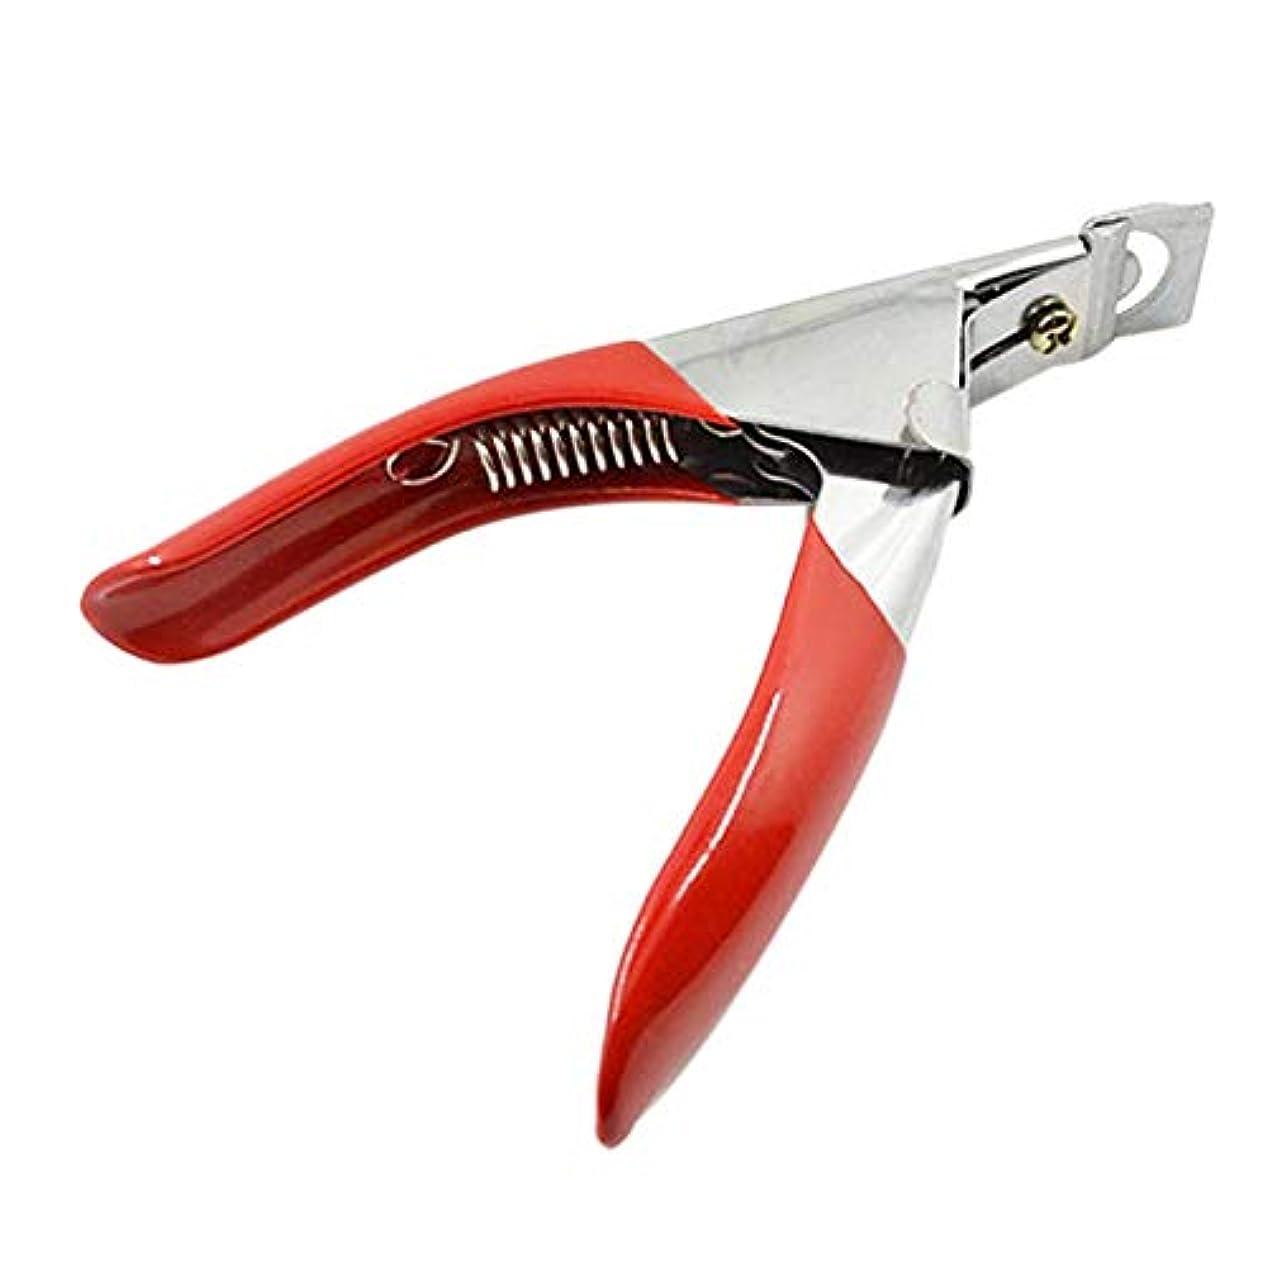 流出プログラム概念CUHAWUDBA マニキュア、ネイルのはさみ、カット、フランス語の言葉、偽爪のはさみ、カット用マニキュアのツール